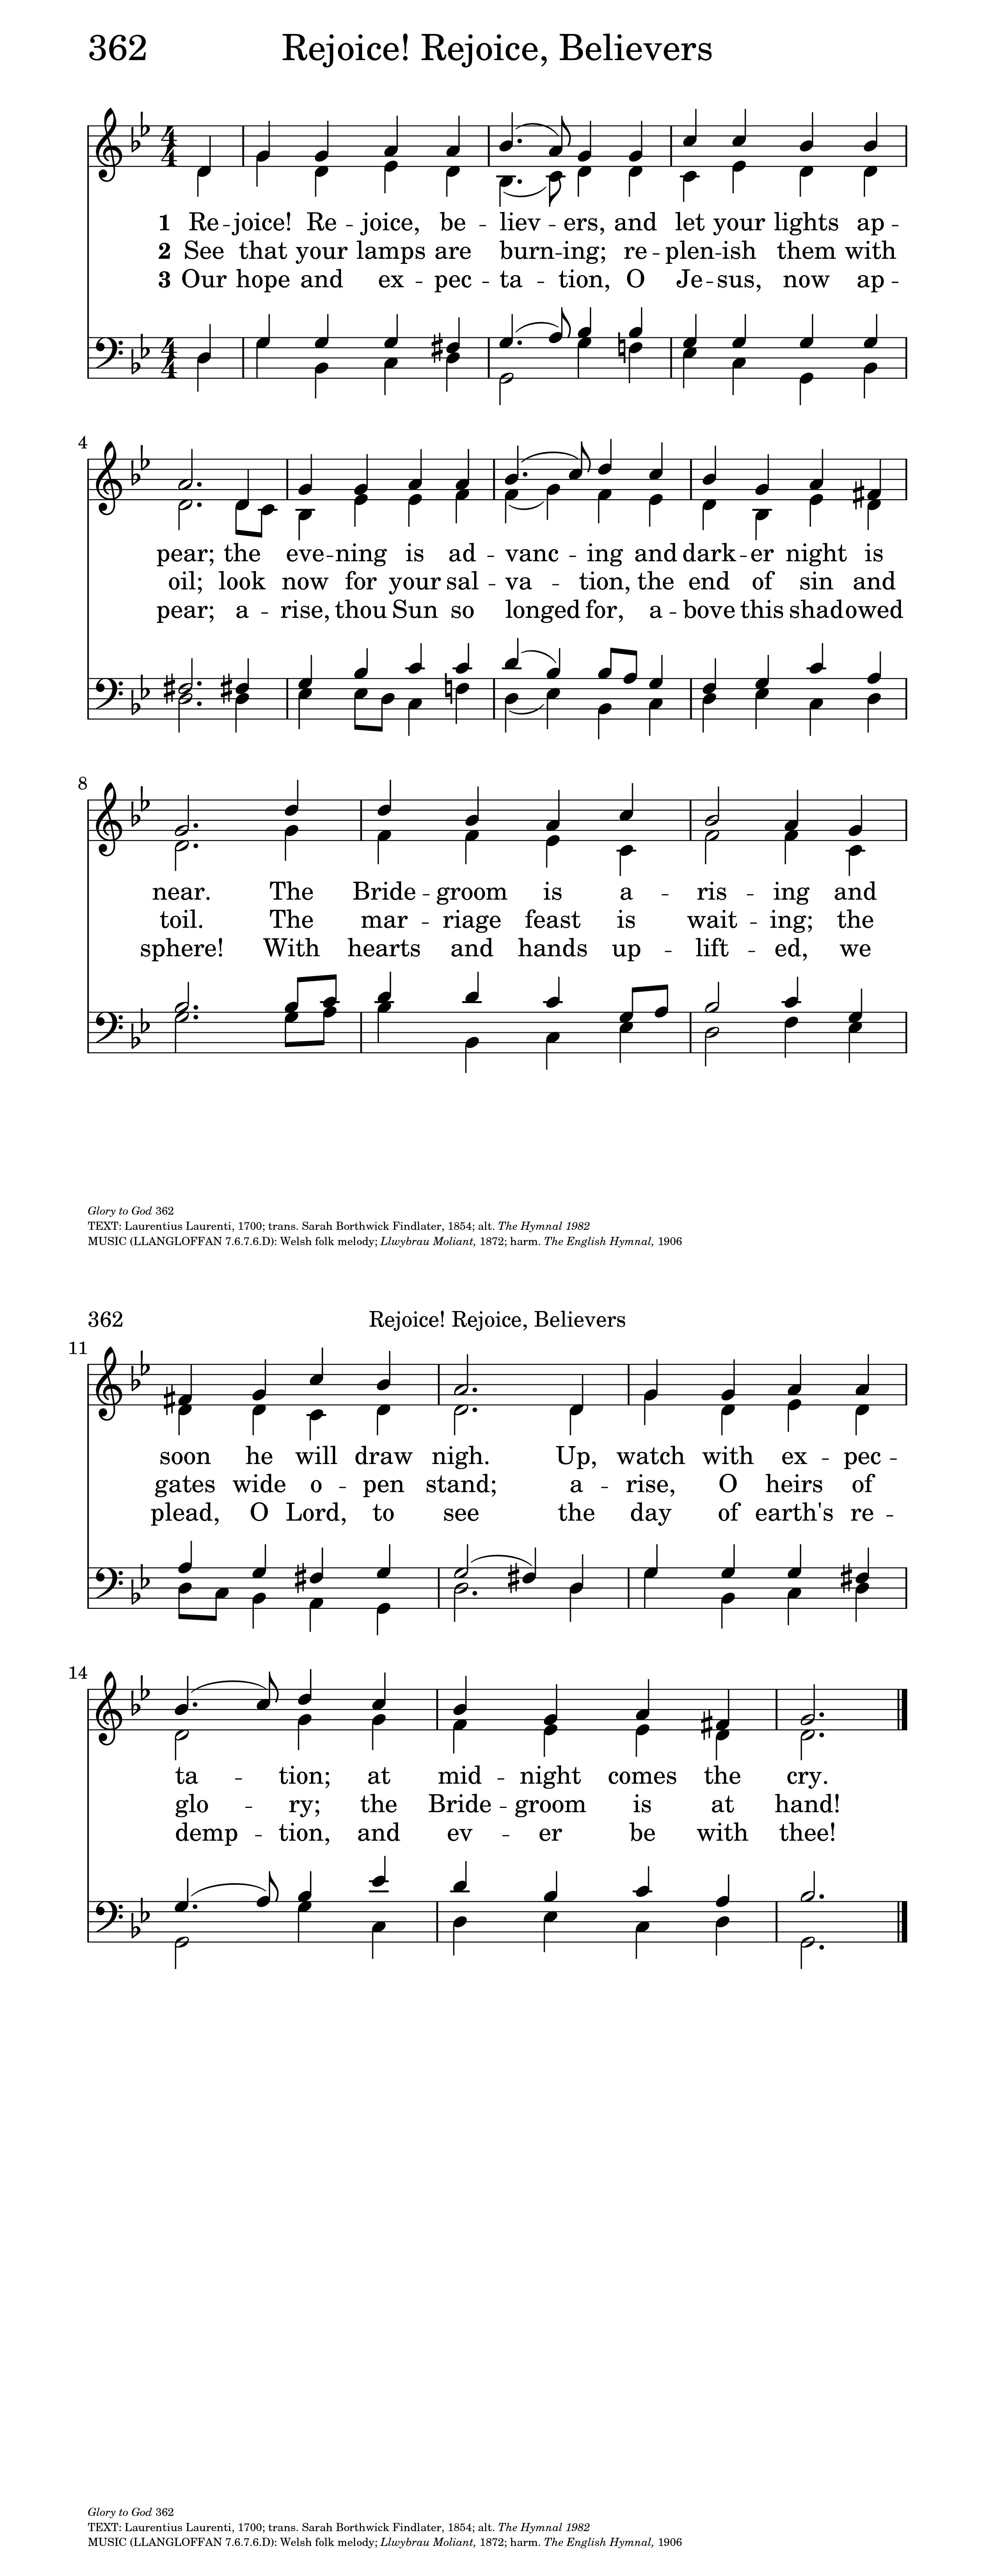 Rejoice! Rejoice, Believers | Hymnary org